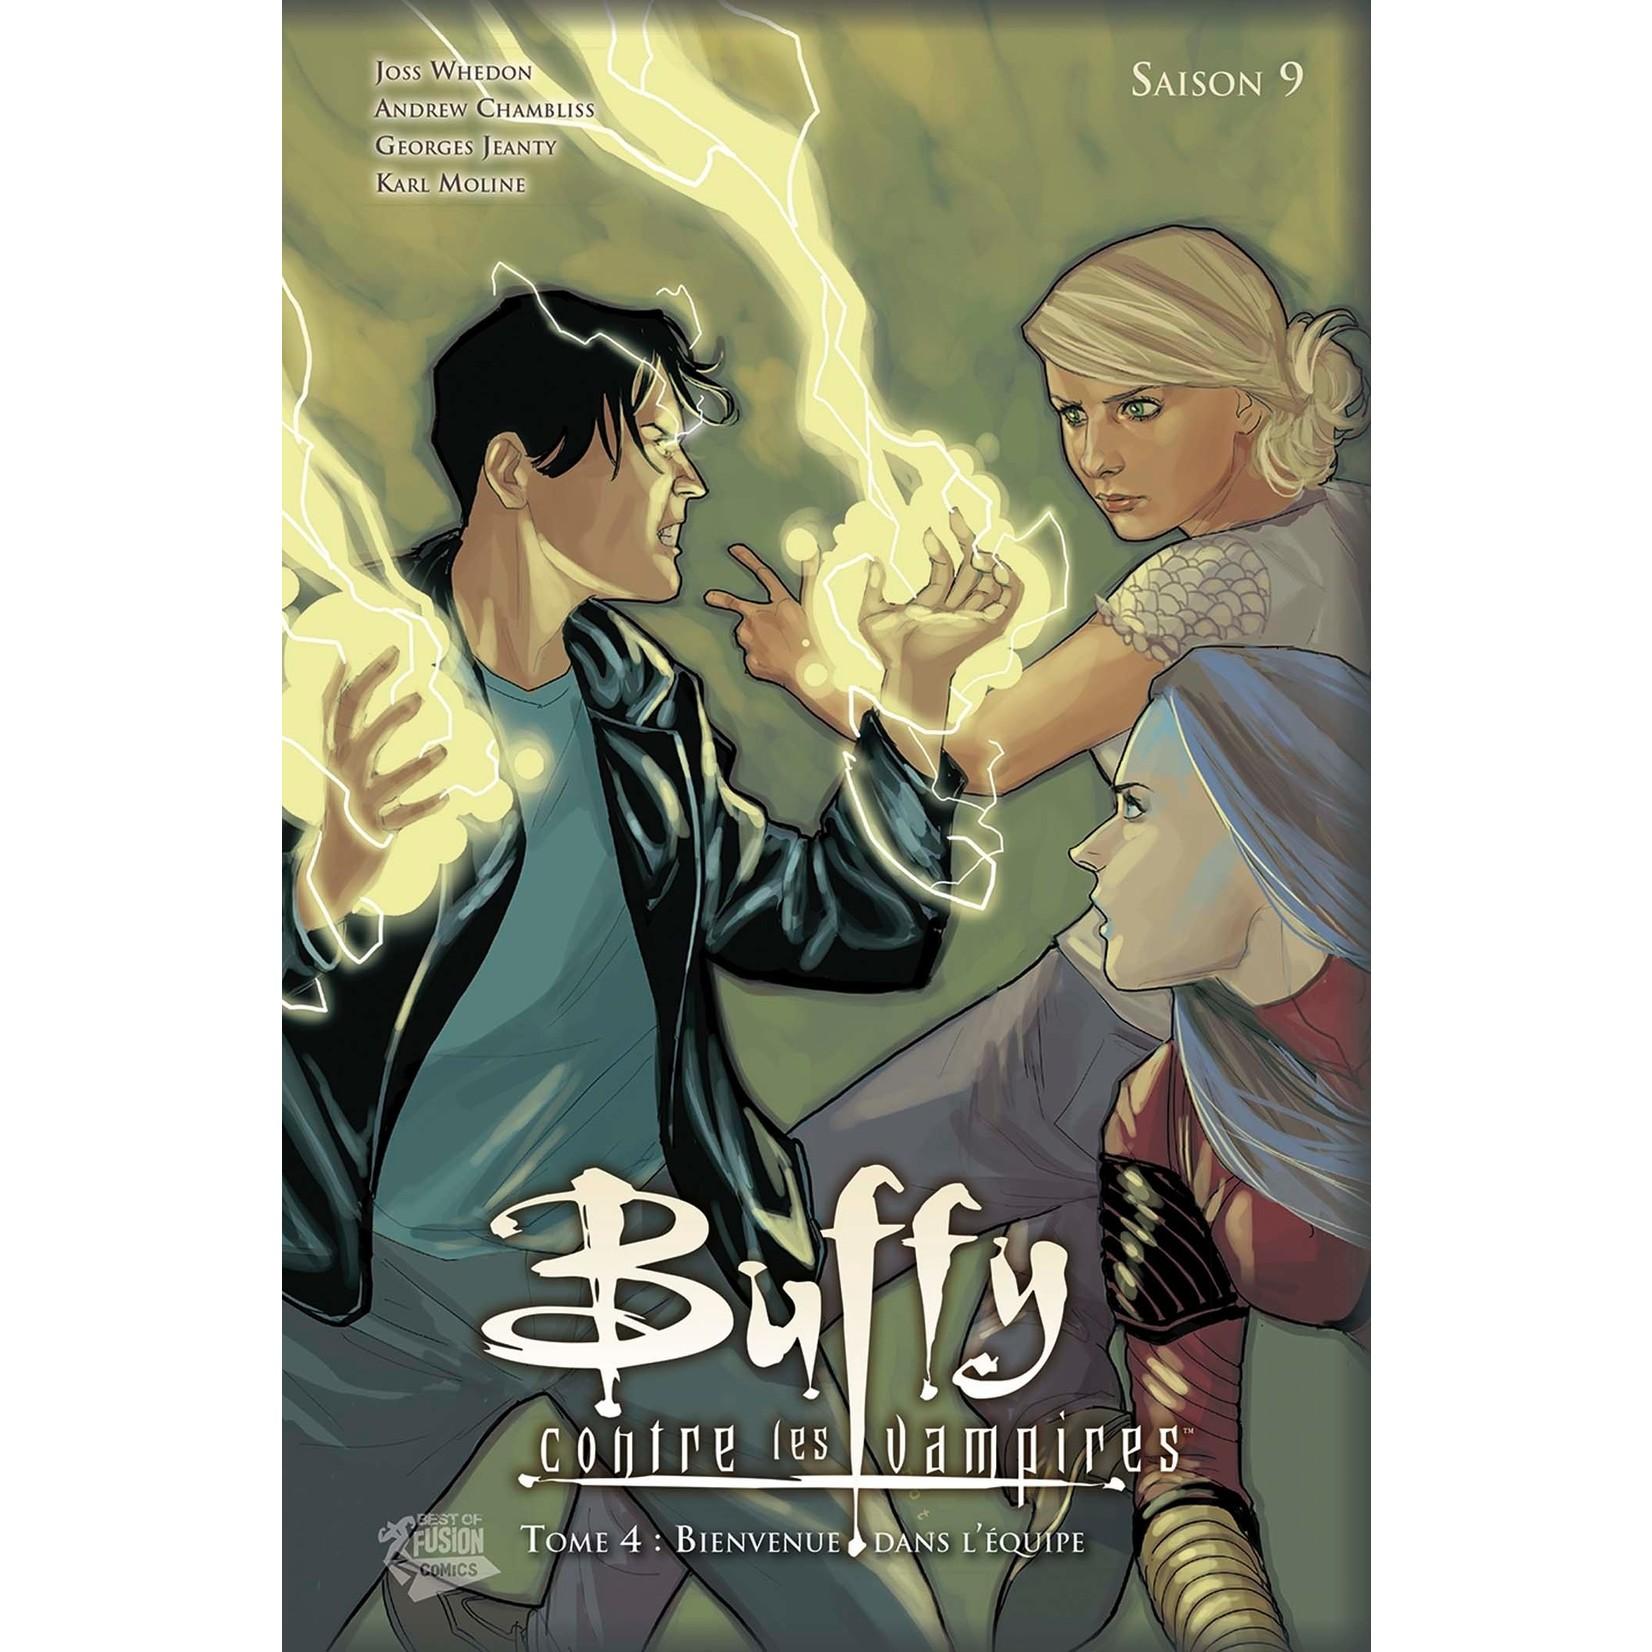 Buffy contre les vampires - Saison 9 - Tome 4 : Bienvenue dans l'équipe